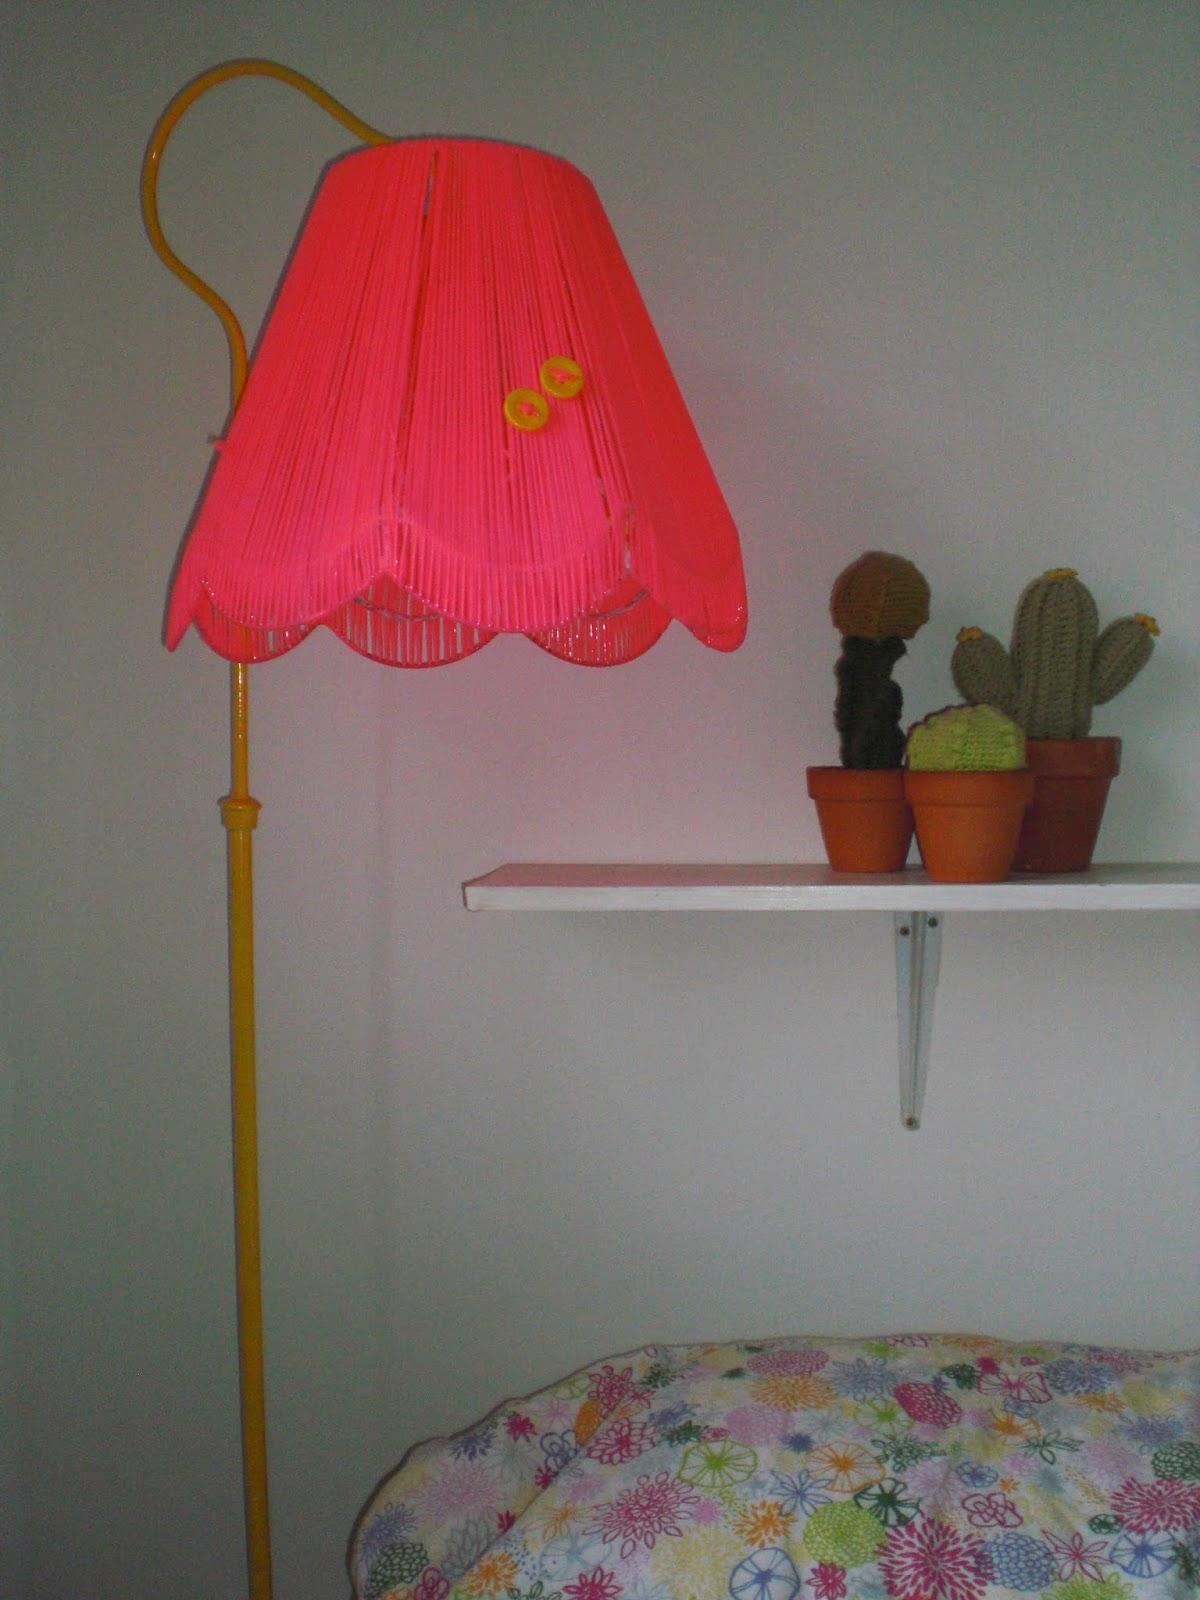 Gul standerlampe med neonpink lampeskærm.